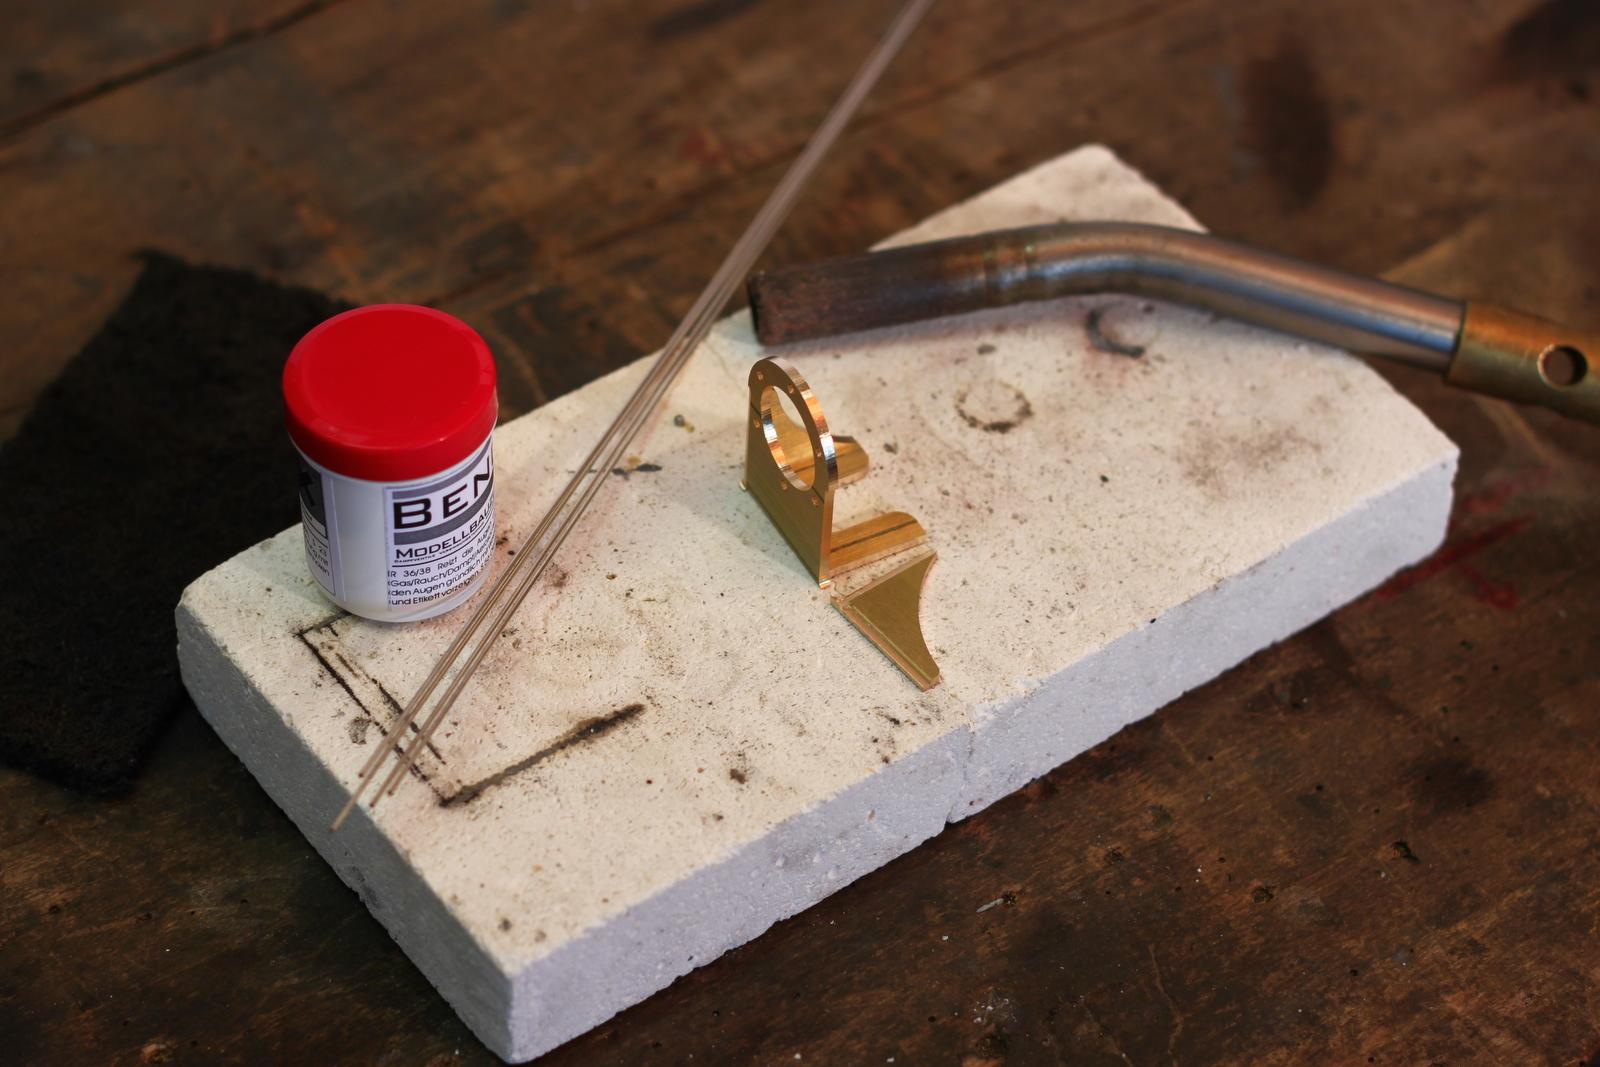 Hervorragend Hartlöten mit Silberlot Anleitung - Modellbau Magazin KQ99